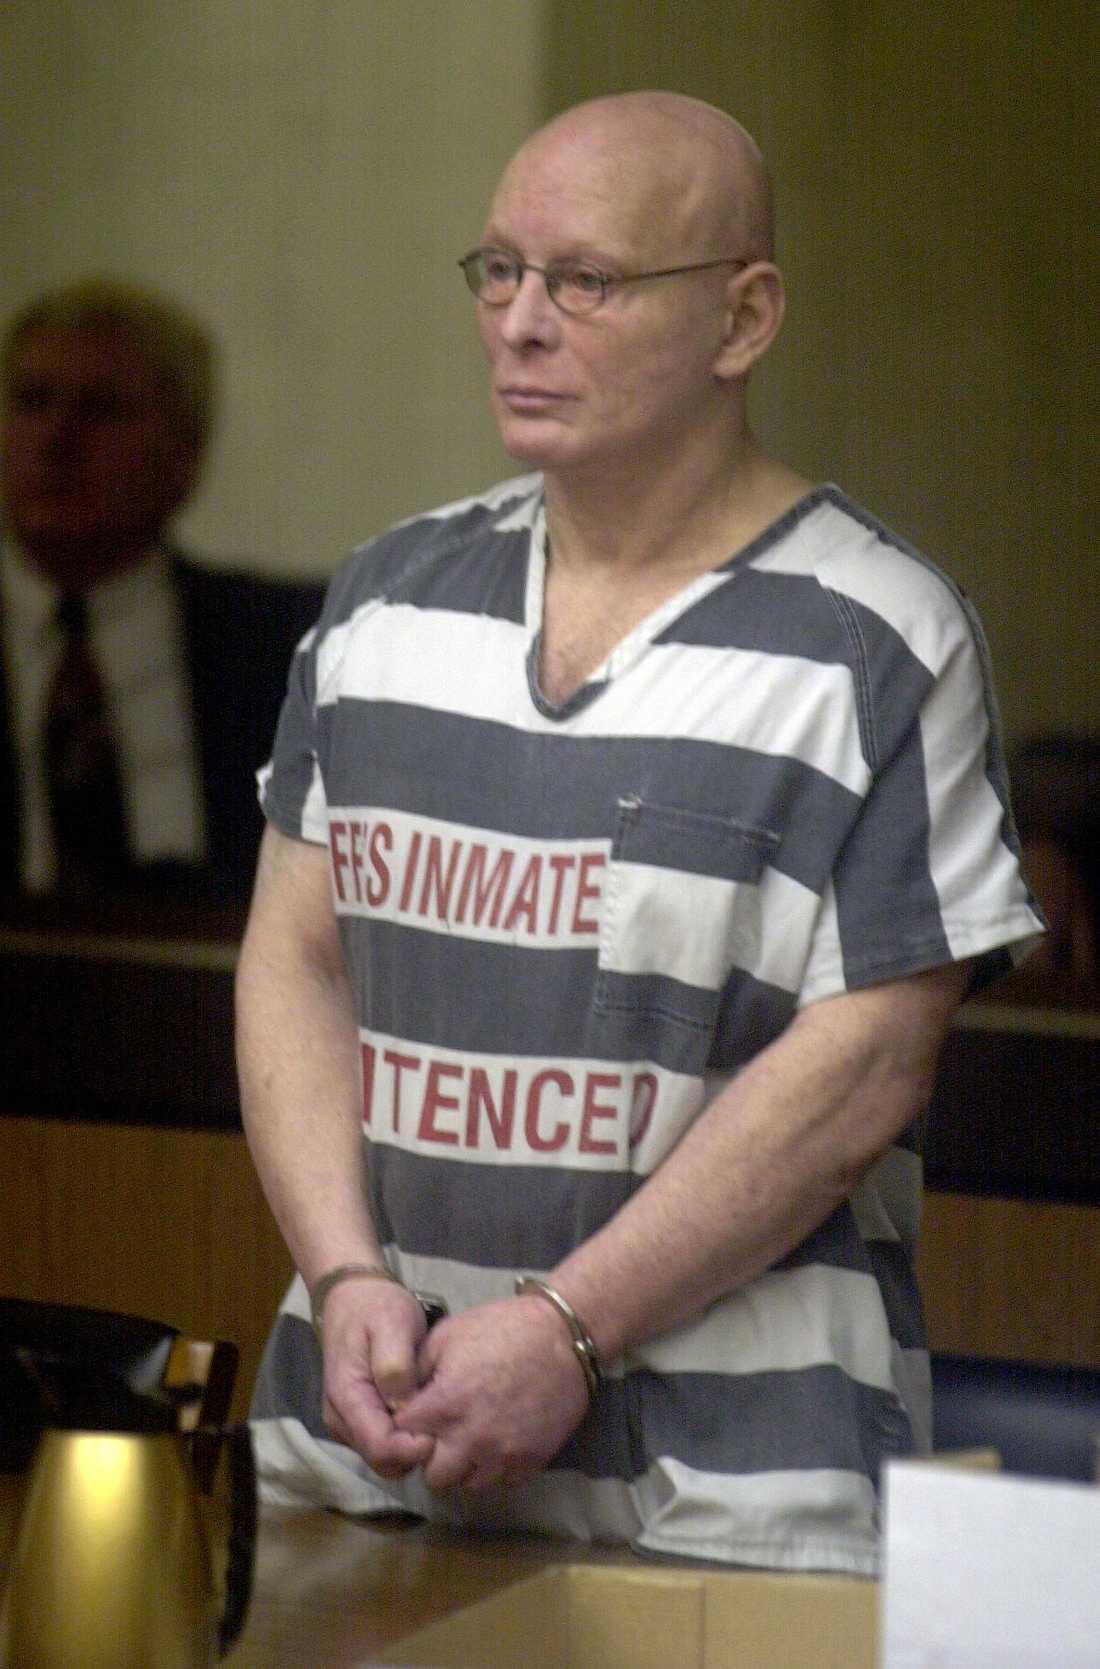 Salvatore Gravano dömdes till 19 års fängelse i rätten i Phoenix, Arizona, för att ha varit hjärnan bakom en drogkartell.